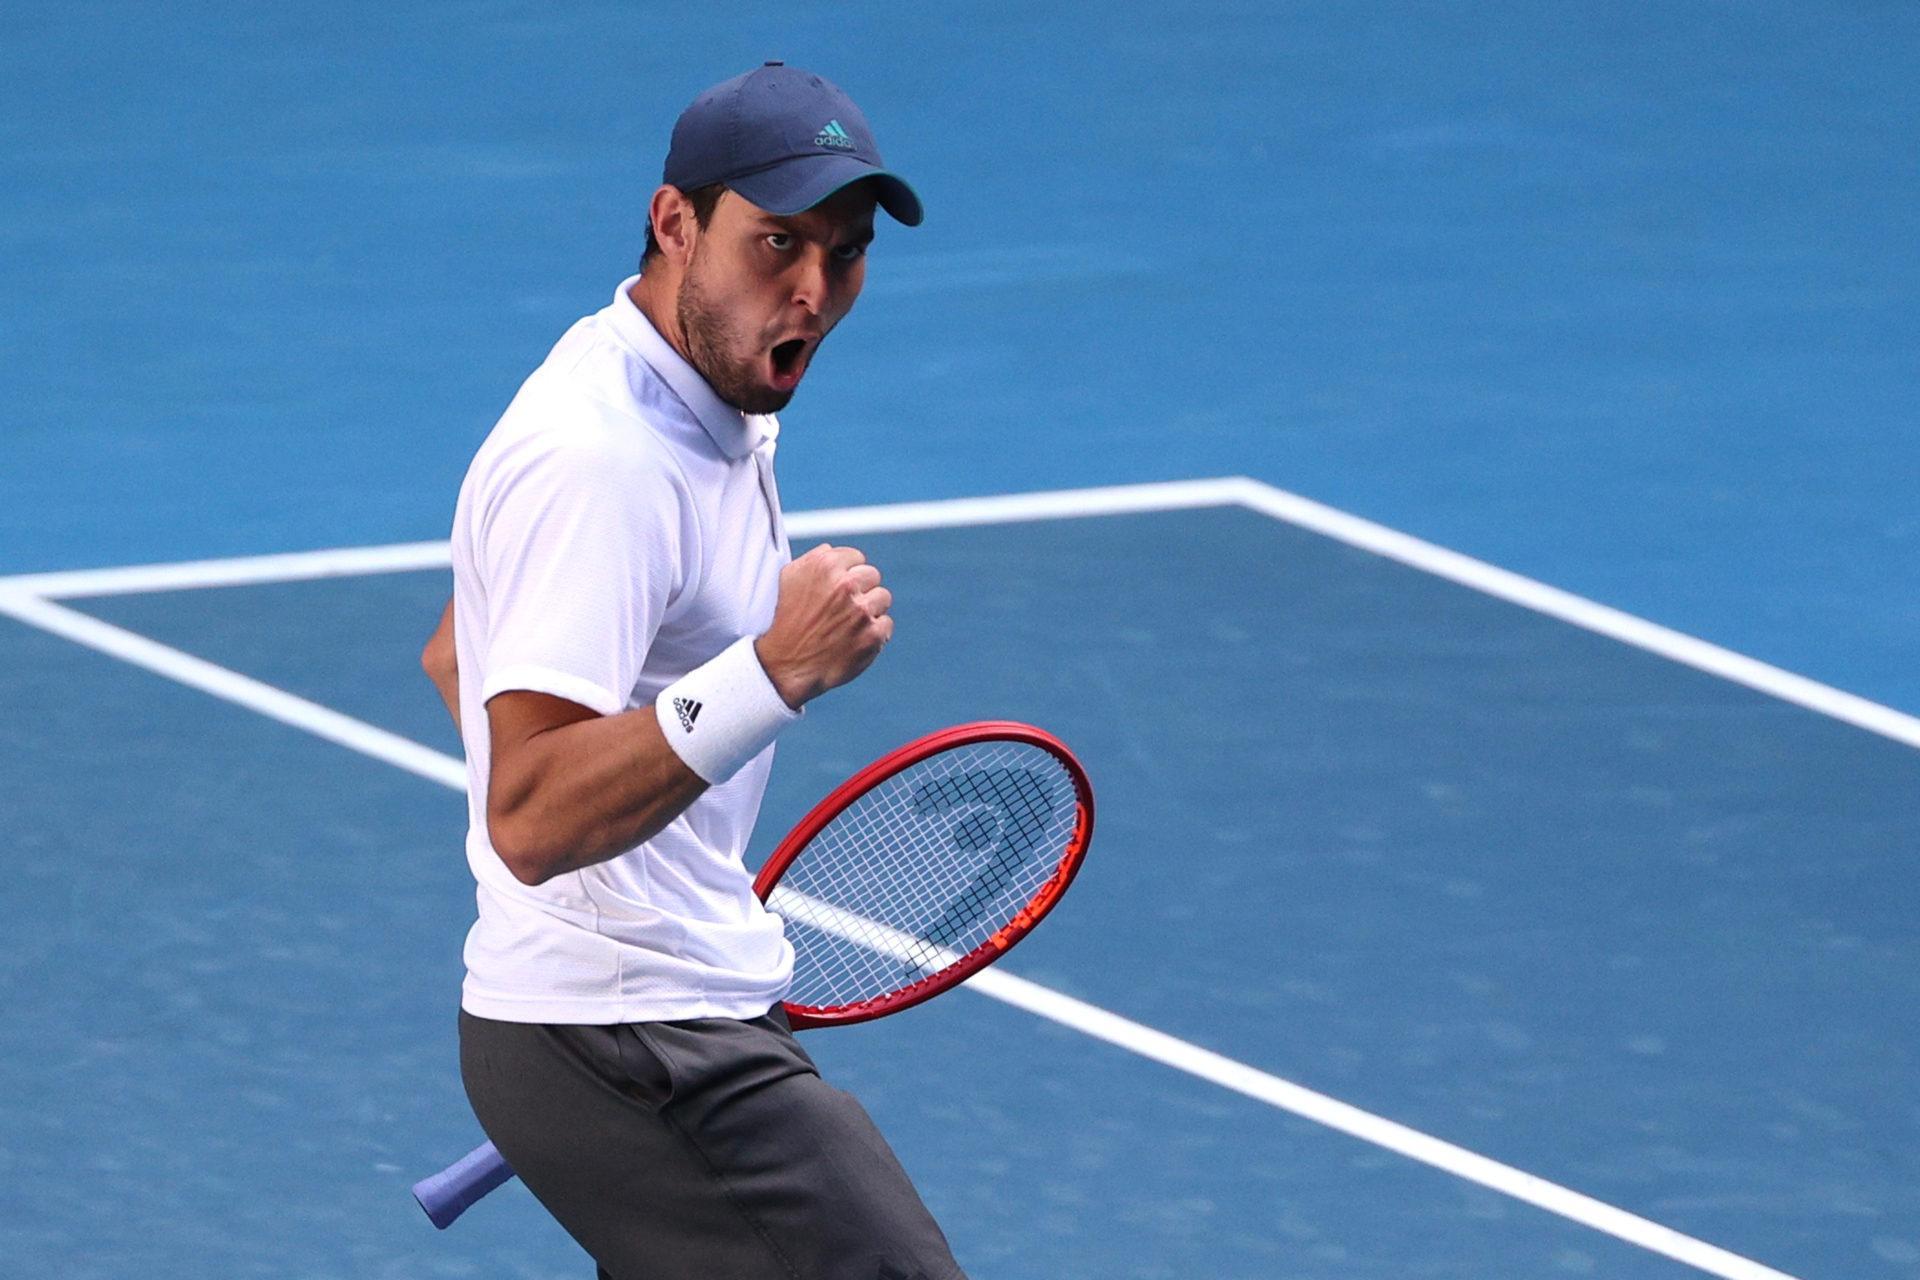 El ruso Karatsev obtiene su primer título ATP de sencillos